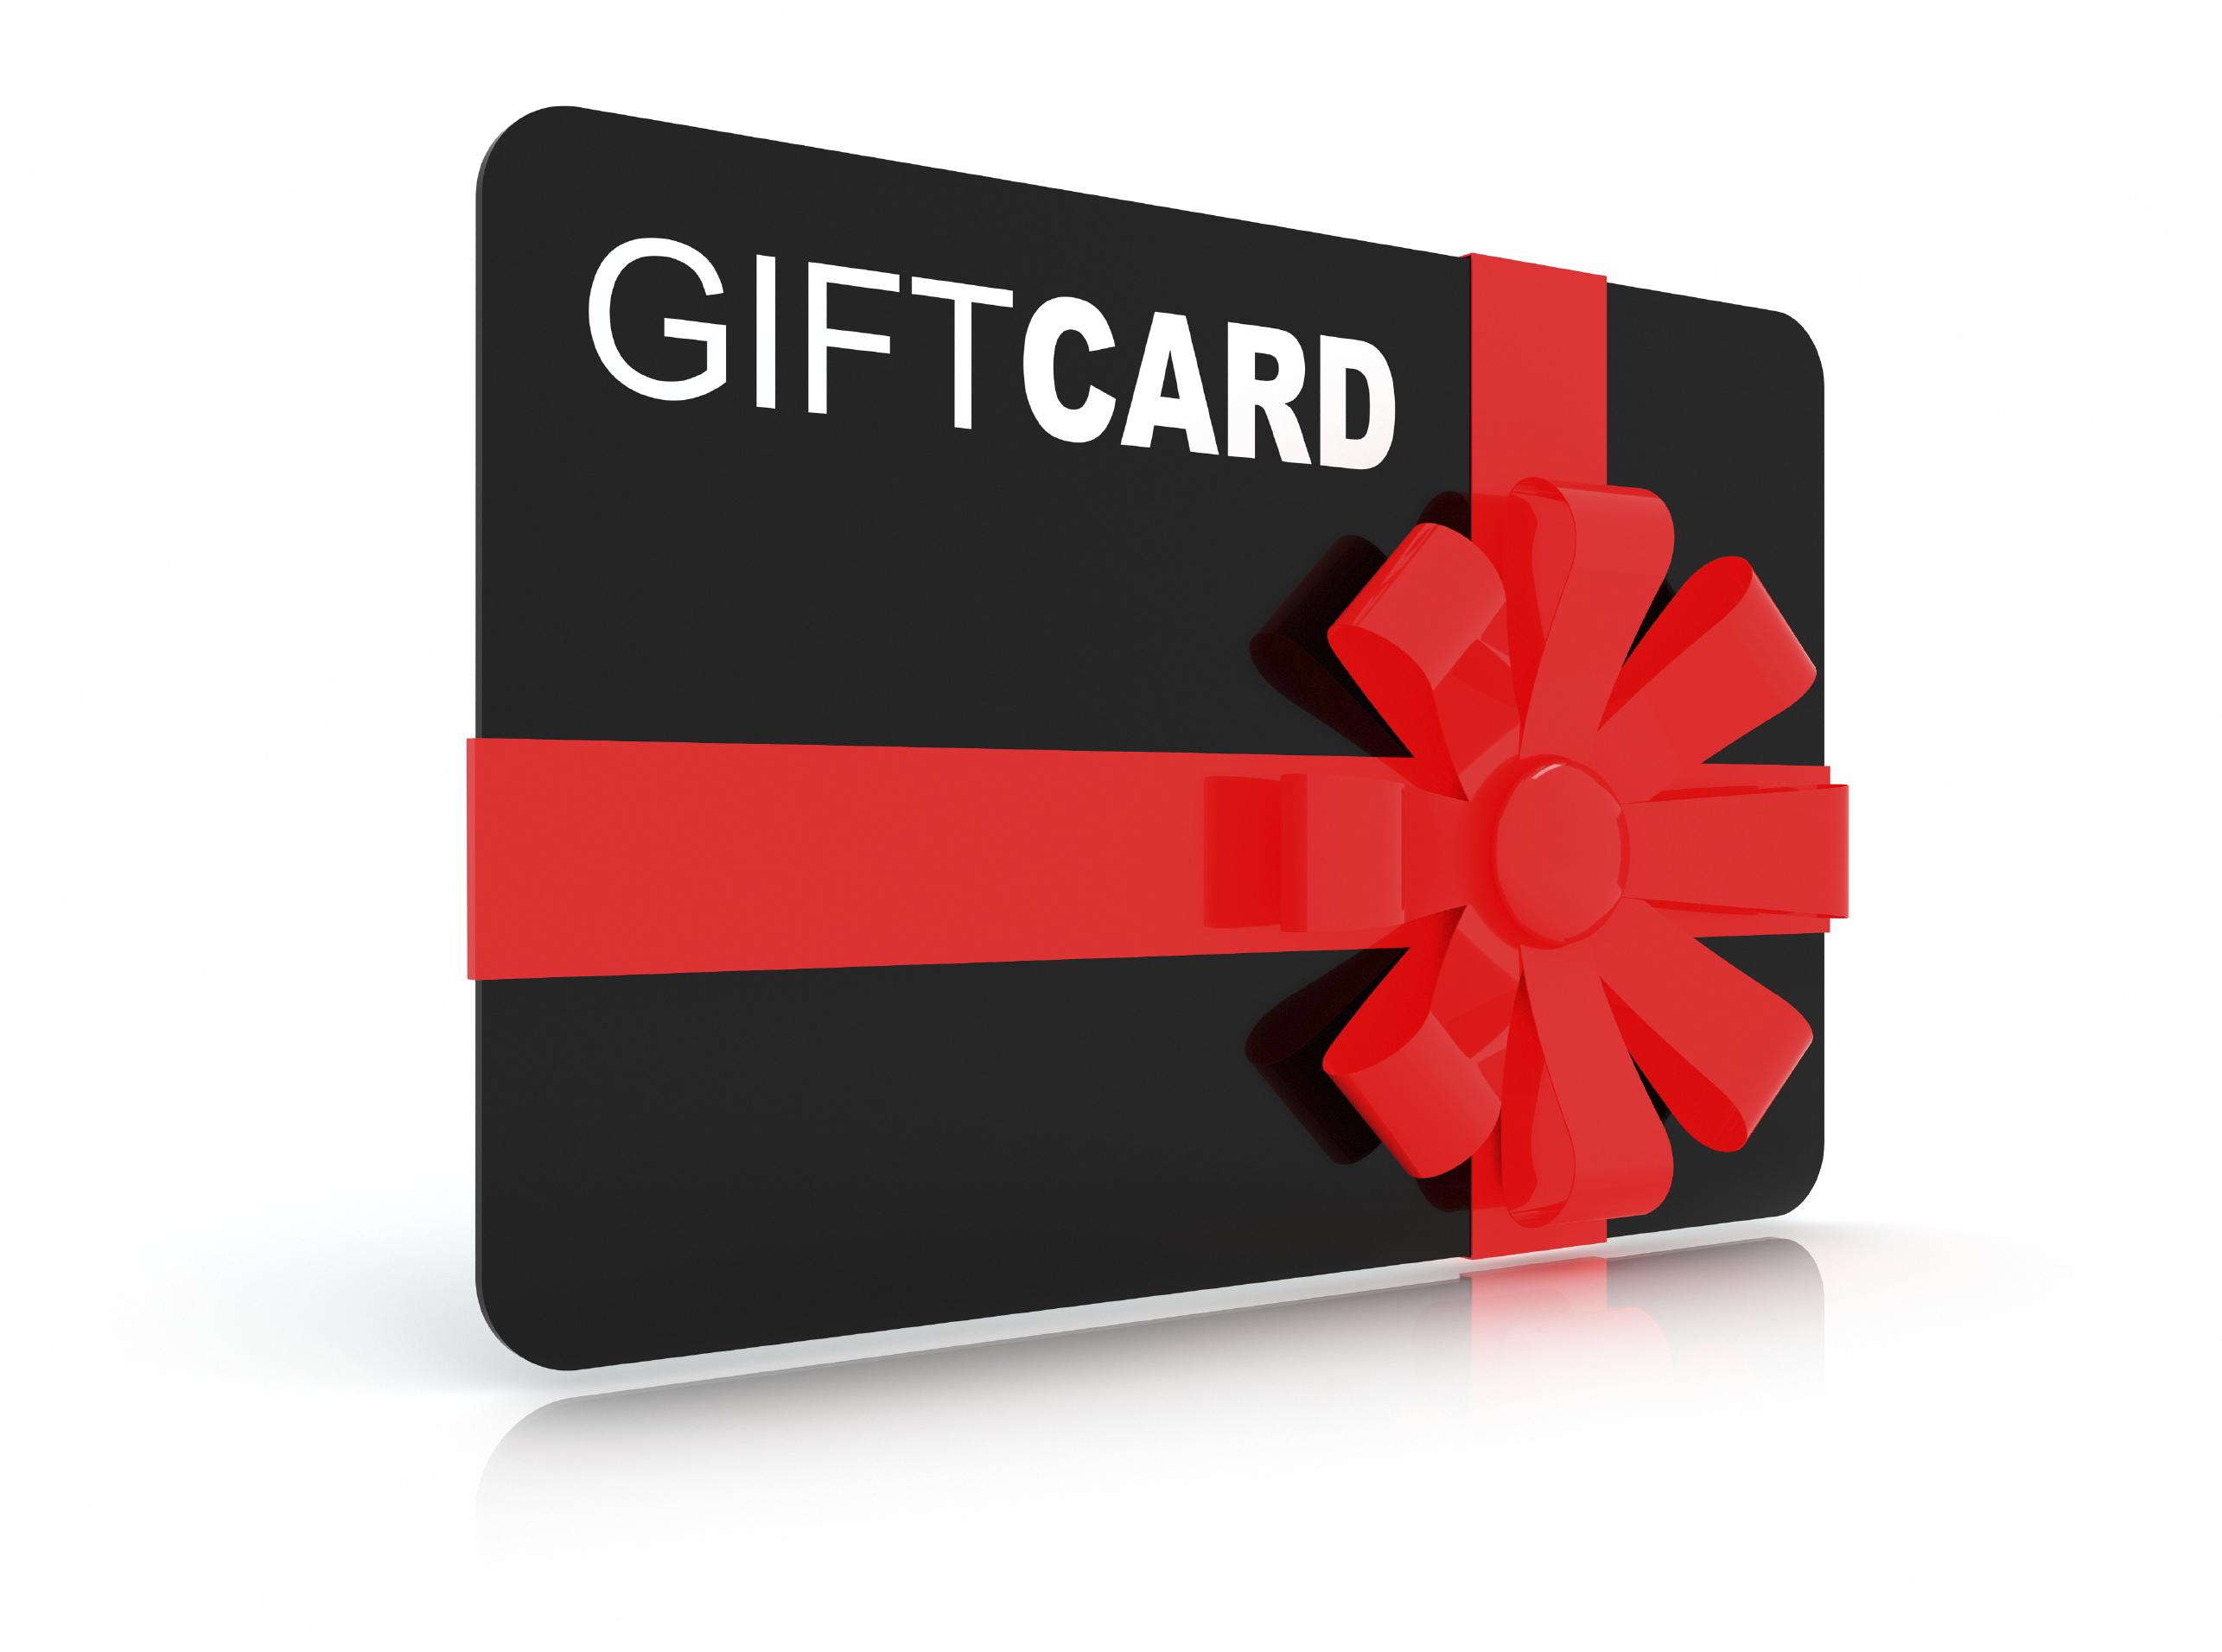 Ikebana Gift Card - $25.00